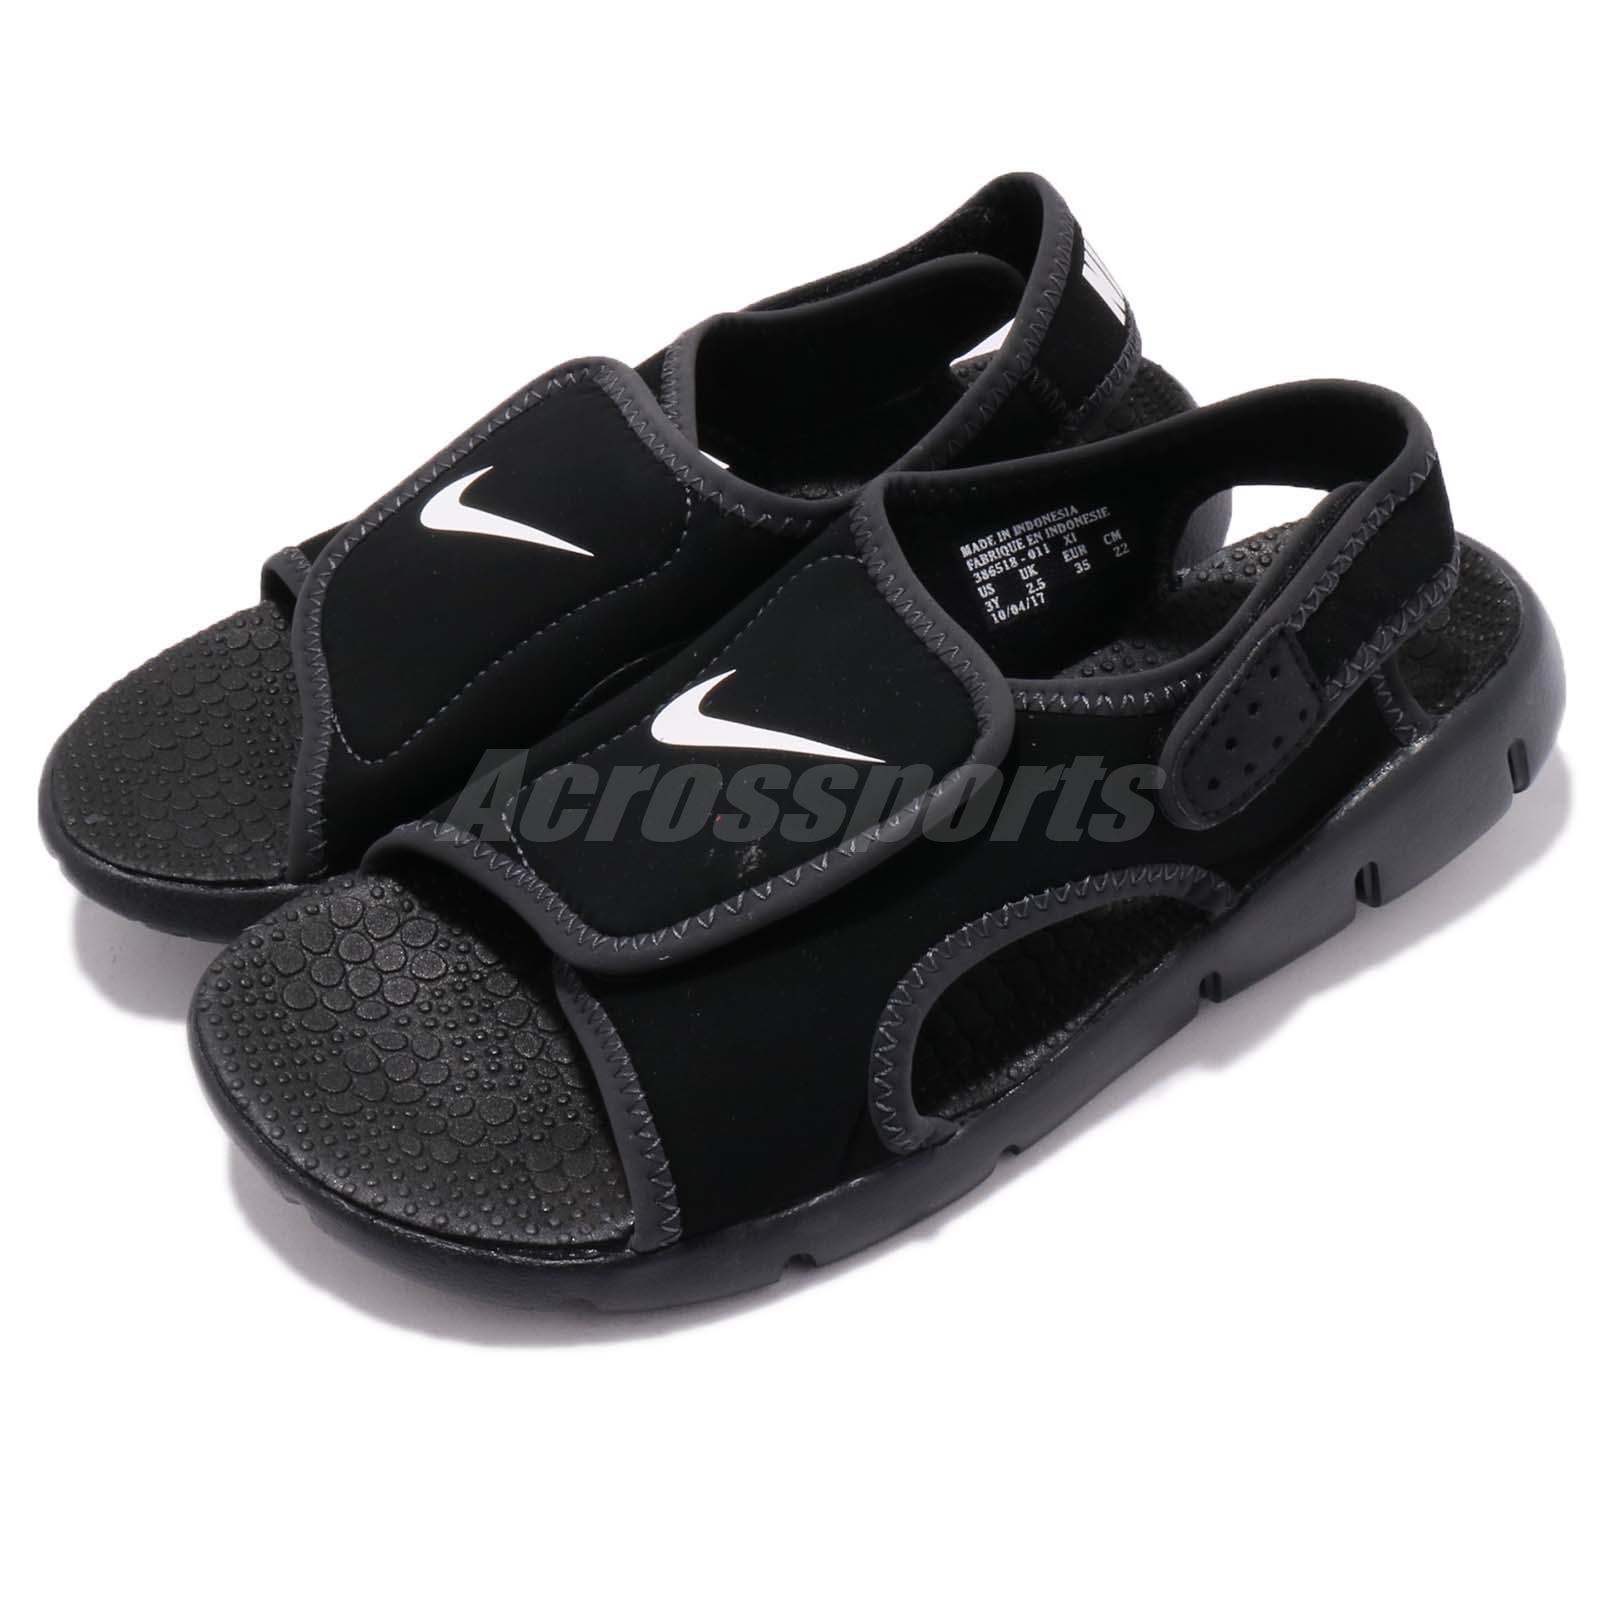 Nike sunray anpassung 4 gs - ps - schwarz - sport weiße junge jugend - sport - - Sandalee schuhe 386518-011 4c3d1e